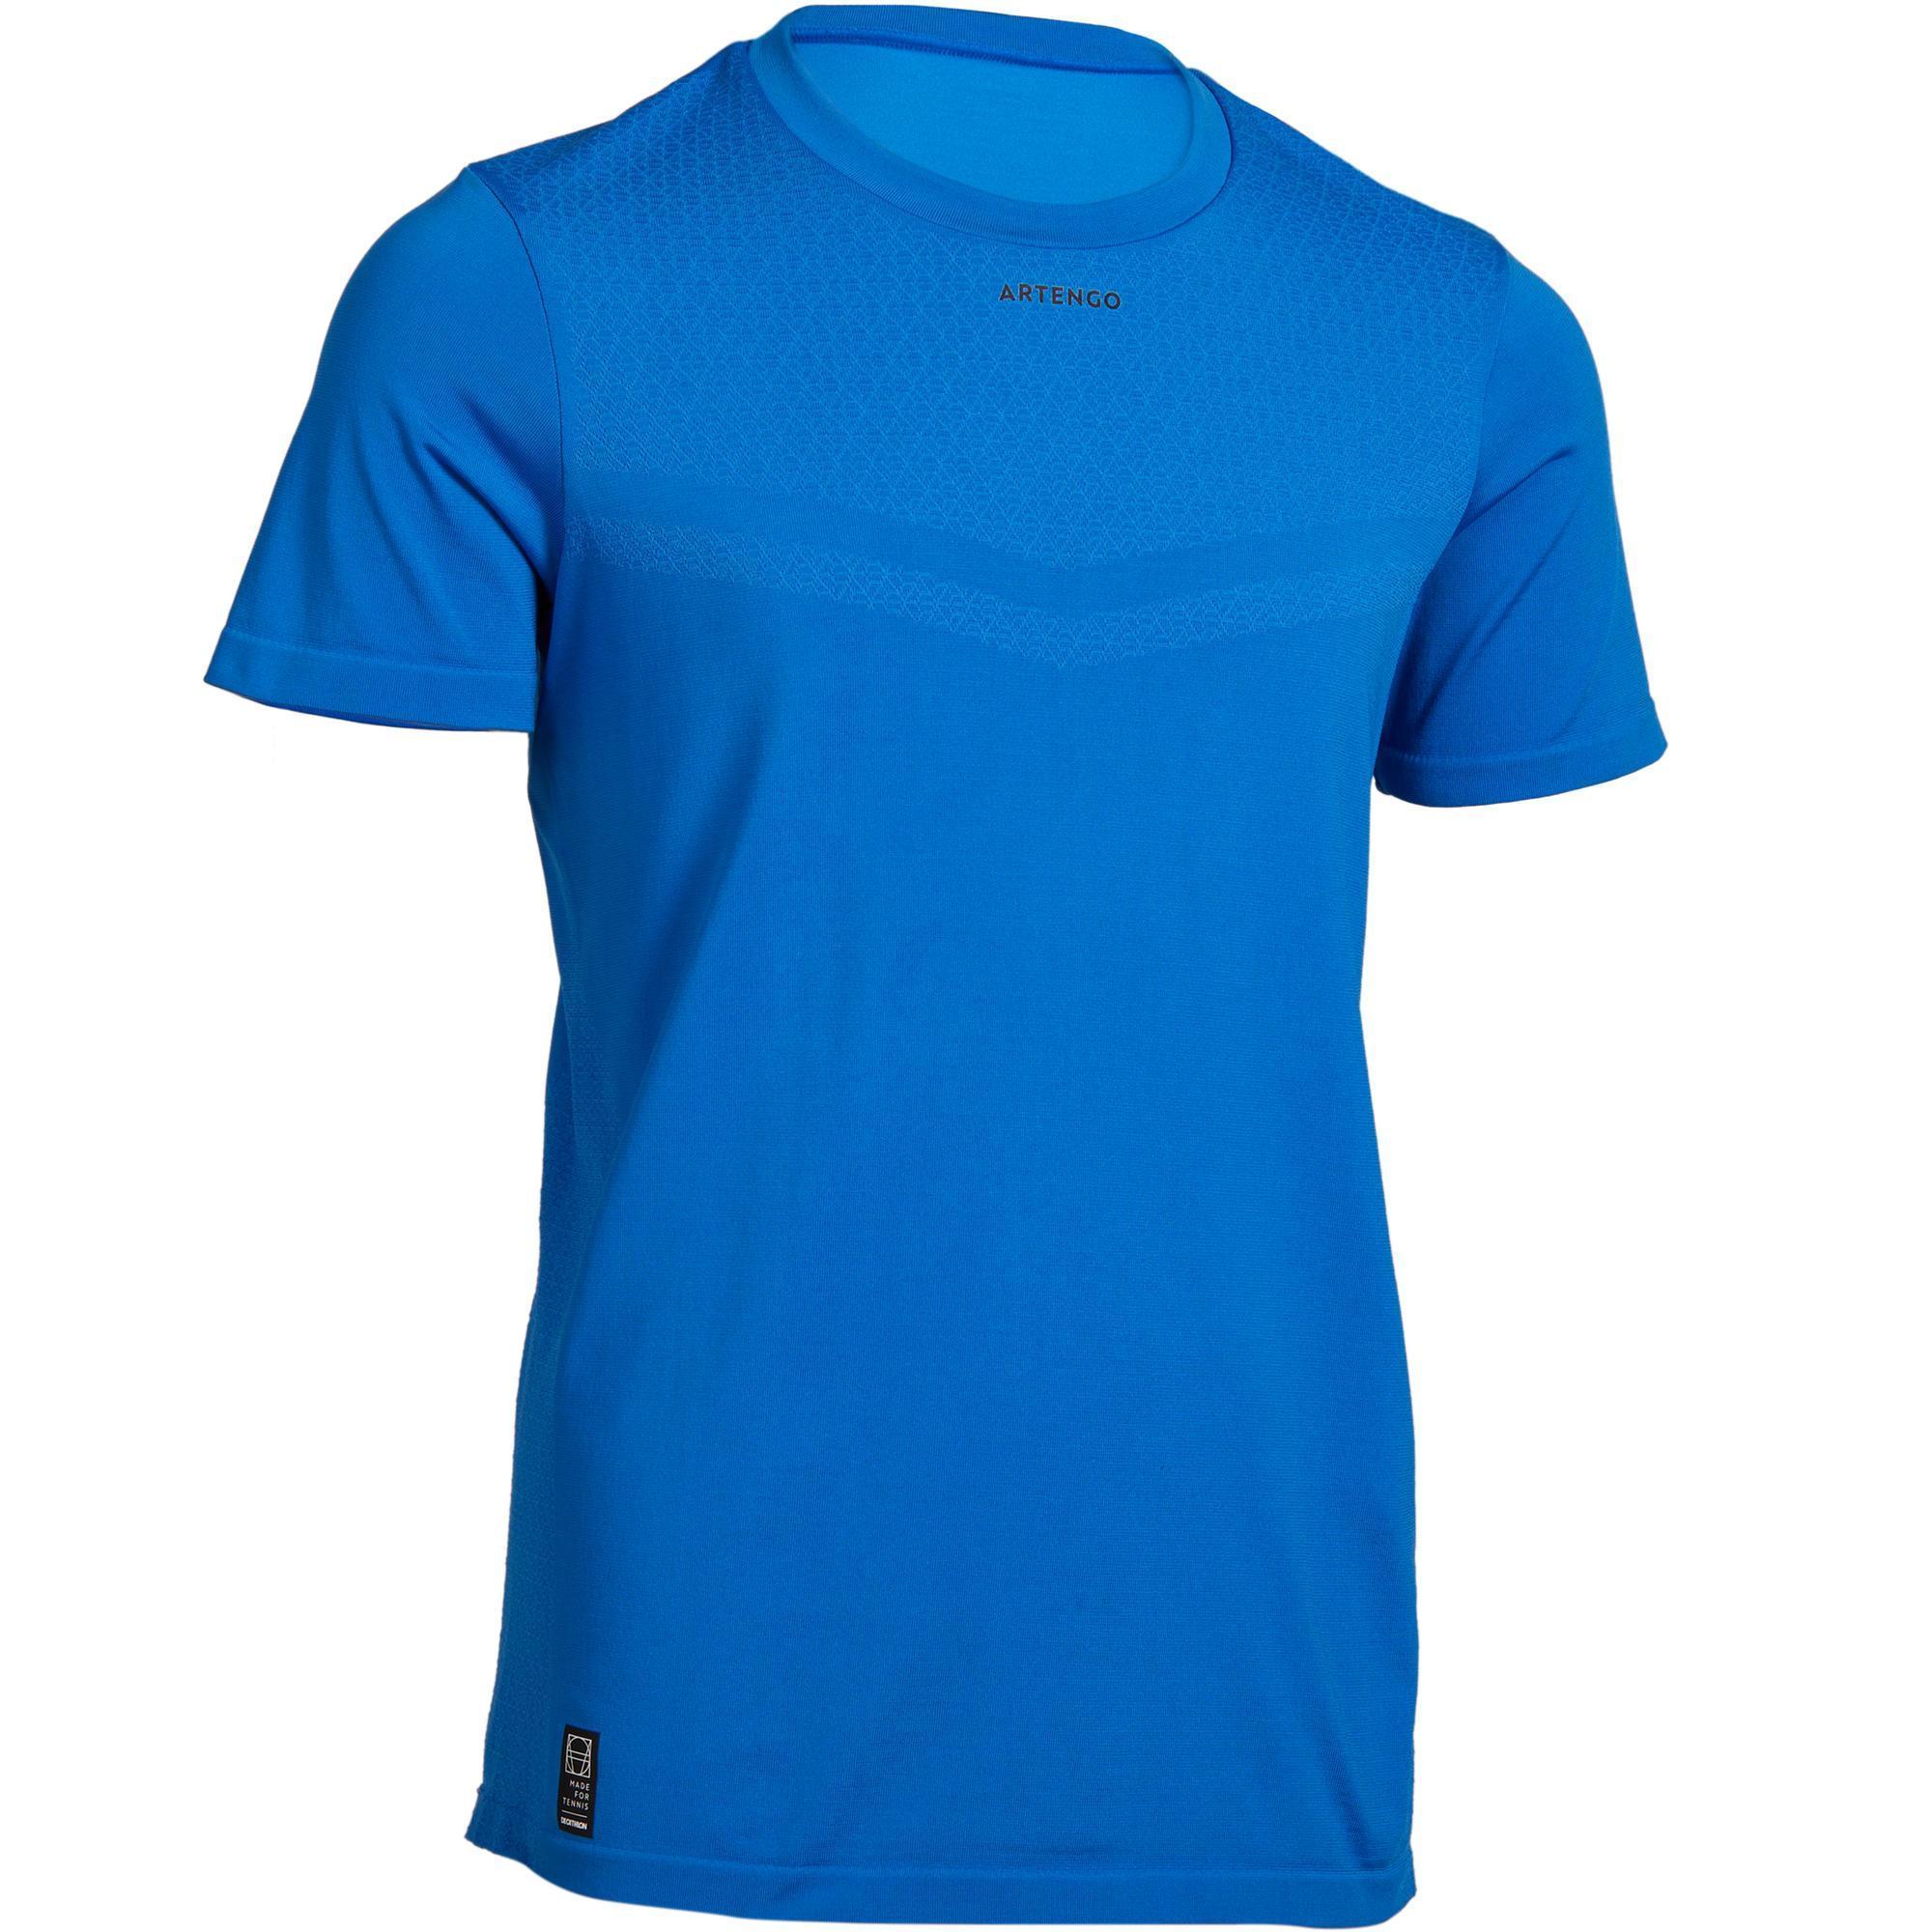 Artengo T-shirt 900 jongens blauw